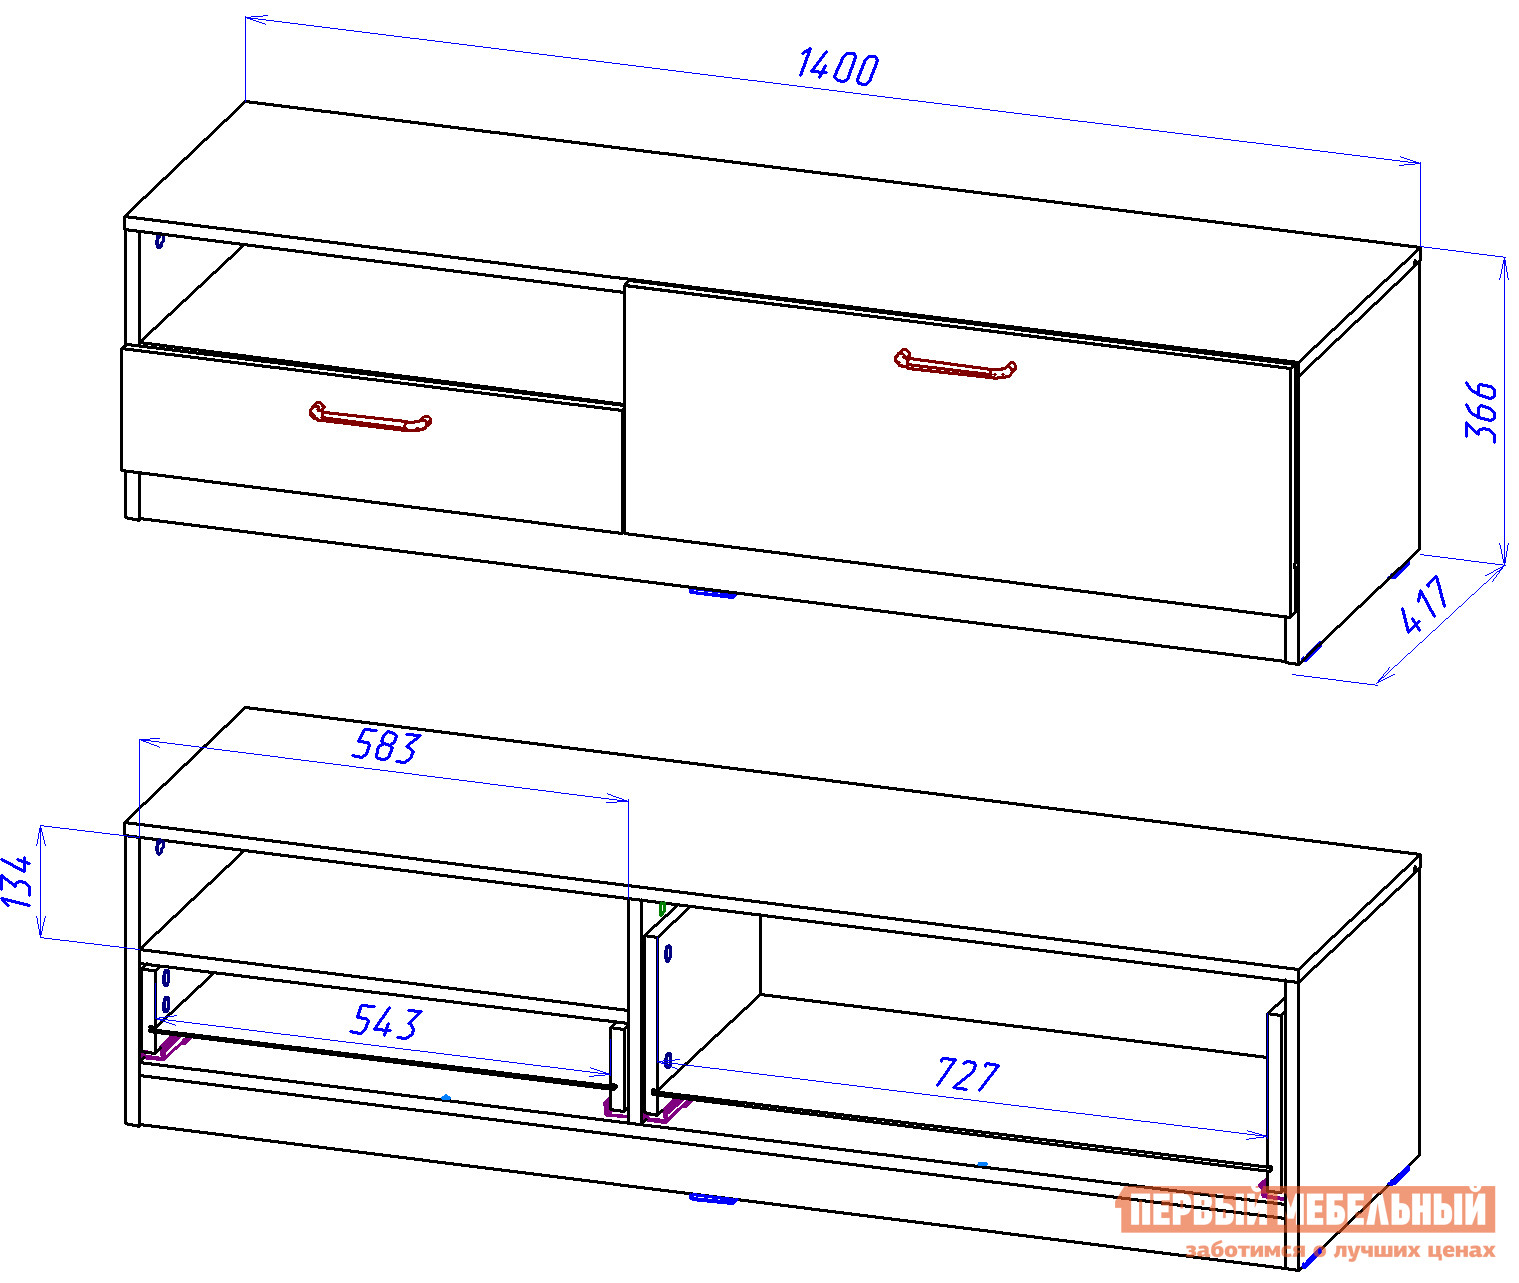 Обувница своими руками : как сделать тумбу для обуви, чертежи 23